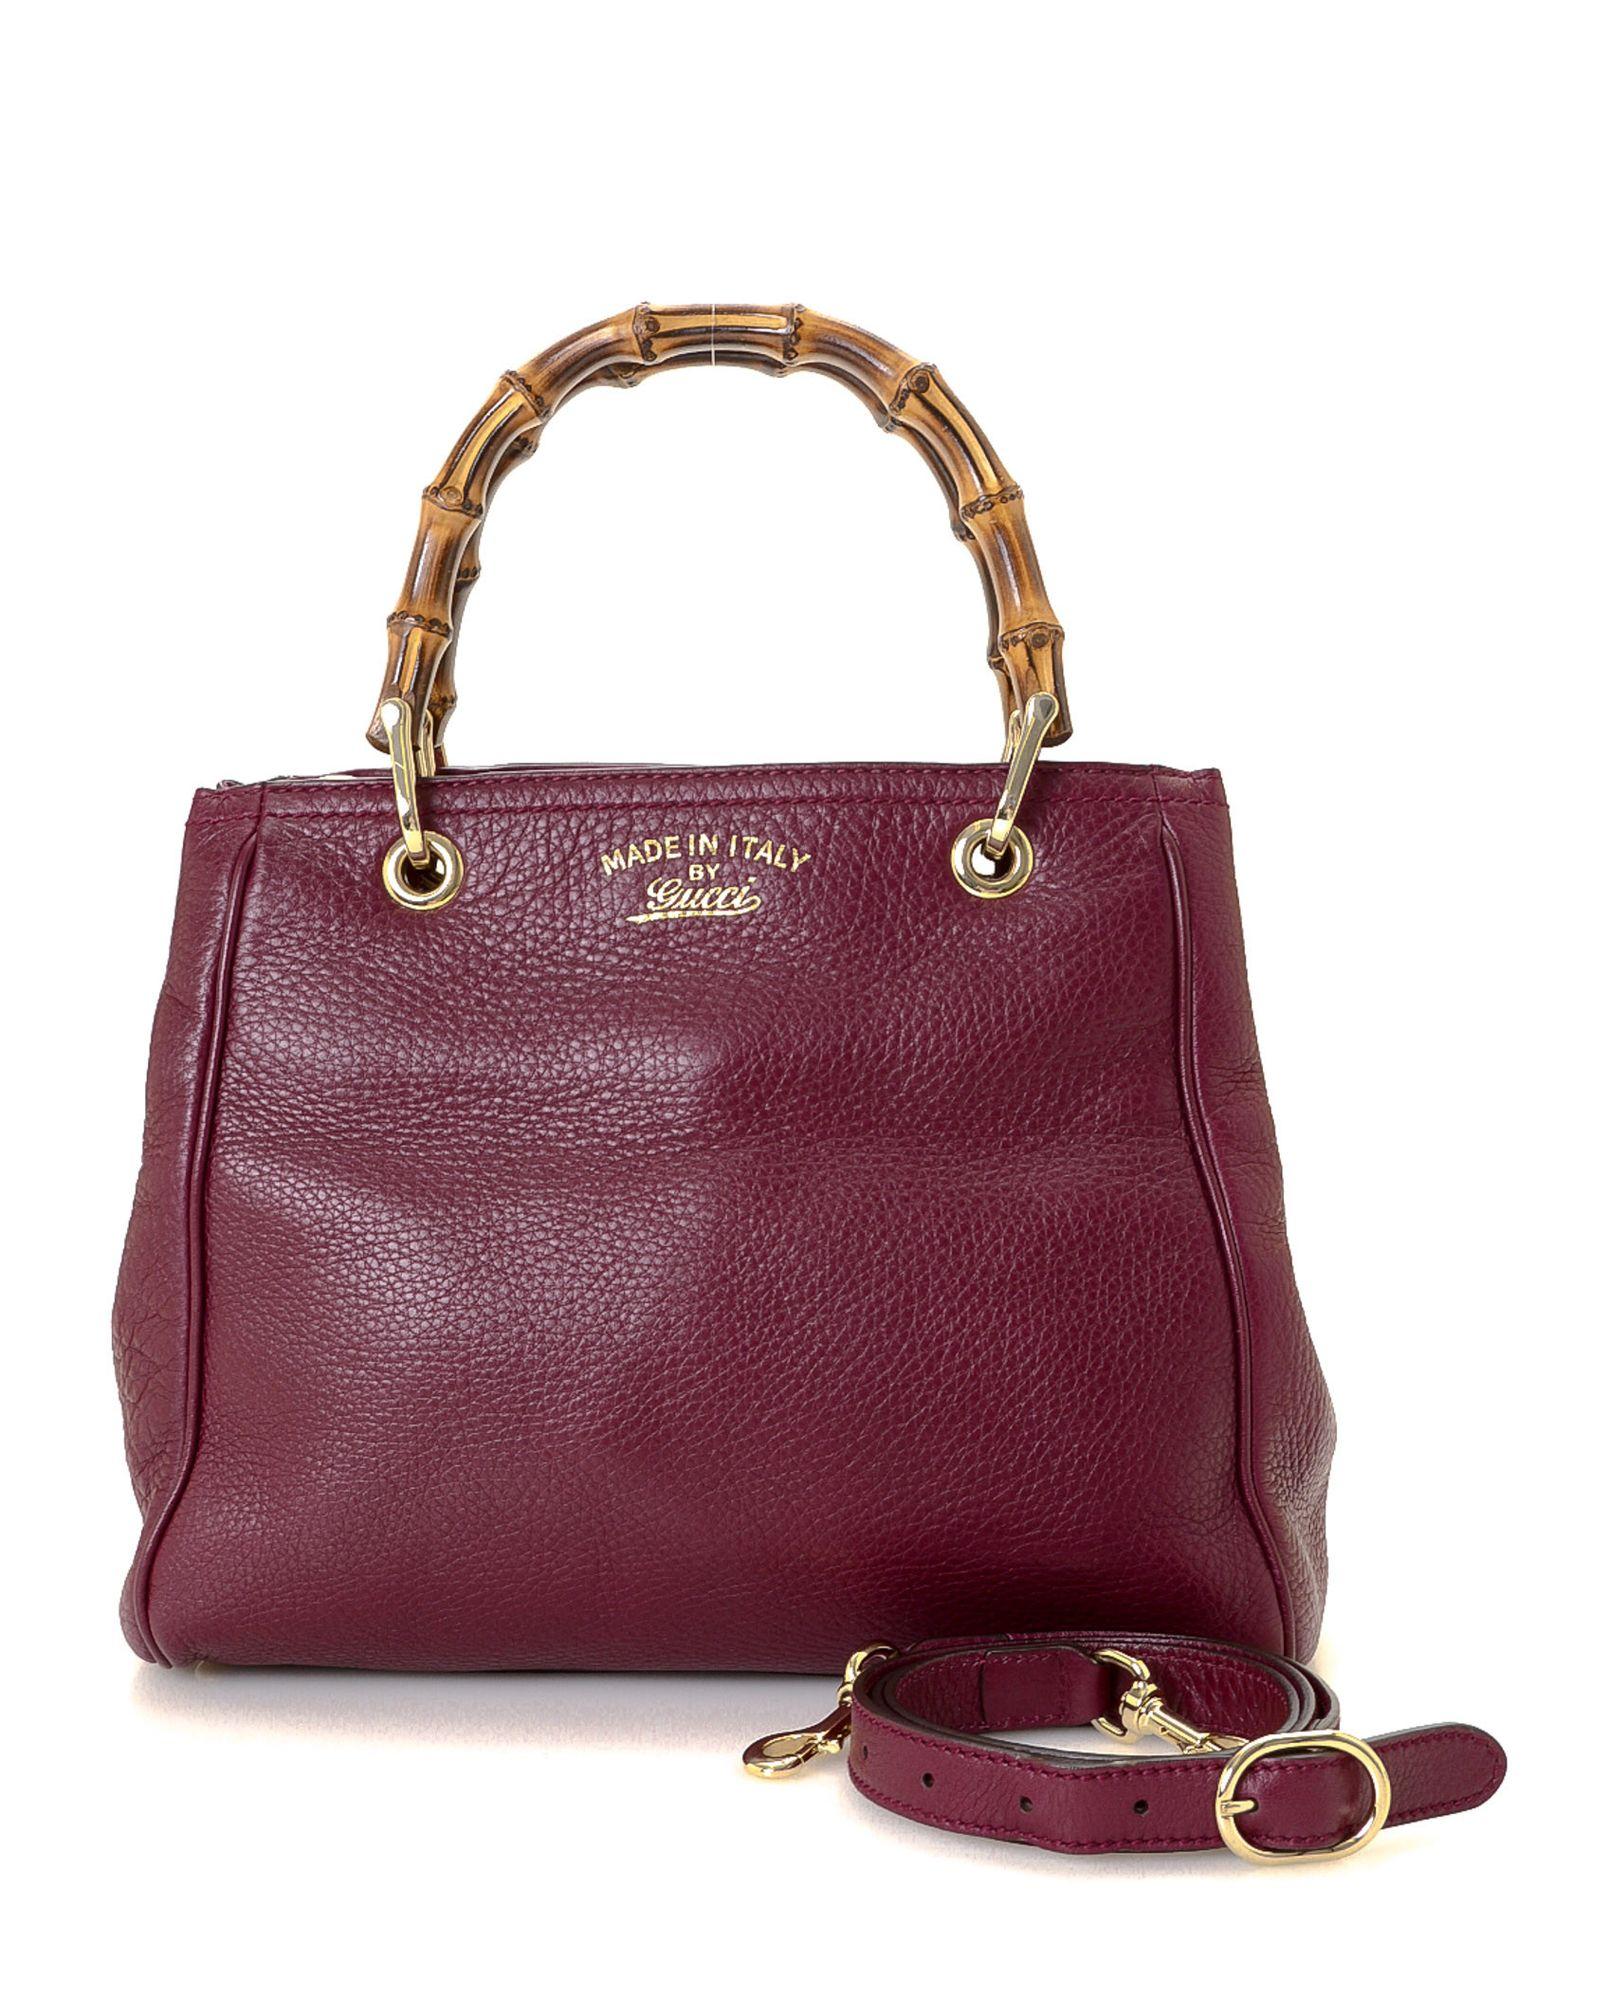 4d93f0076 Gucci Bamboo Two-Way Handbag | *Century 21 Stores* | Gucci bamboo ...